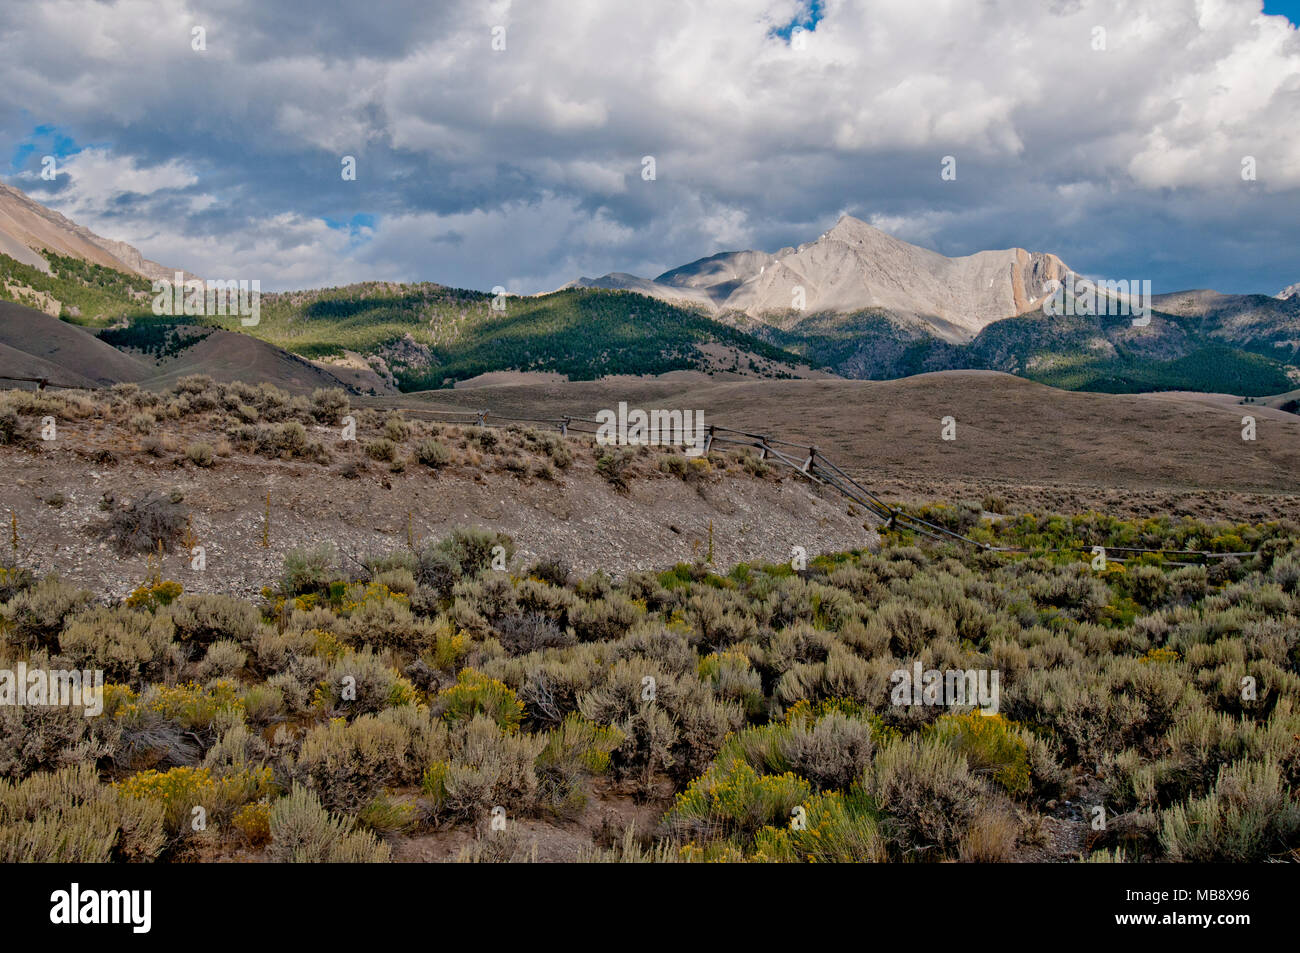 Mount Borah 21-mile de long escarpement séisme avec Mount Borah dans l'arrière-plan Photo Stock